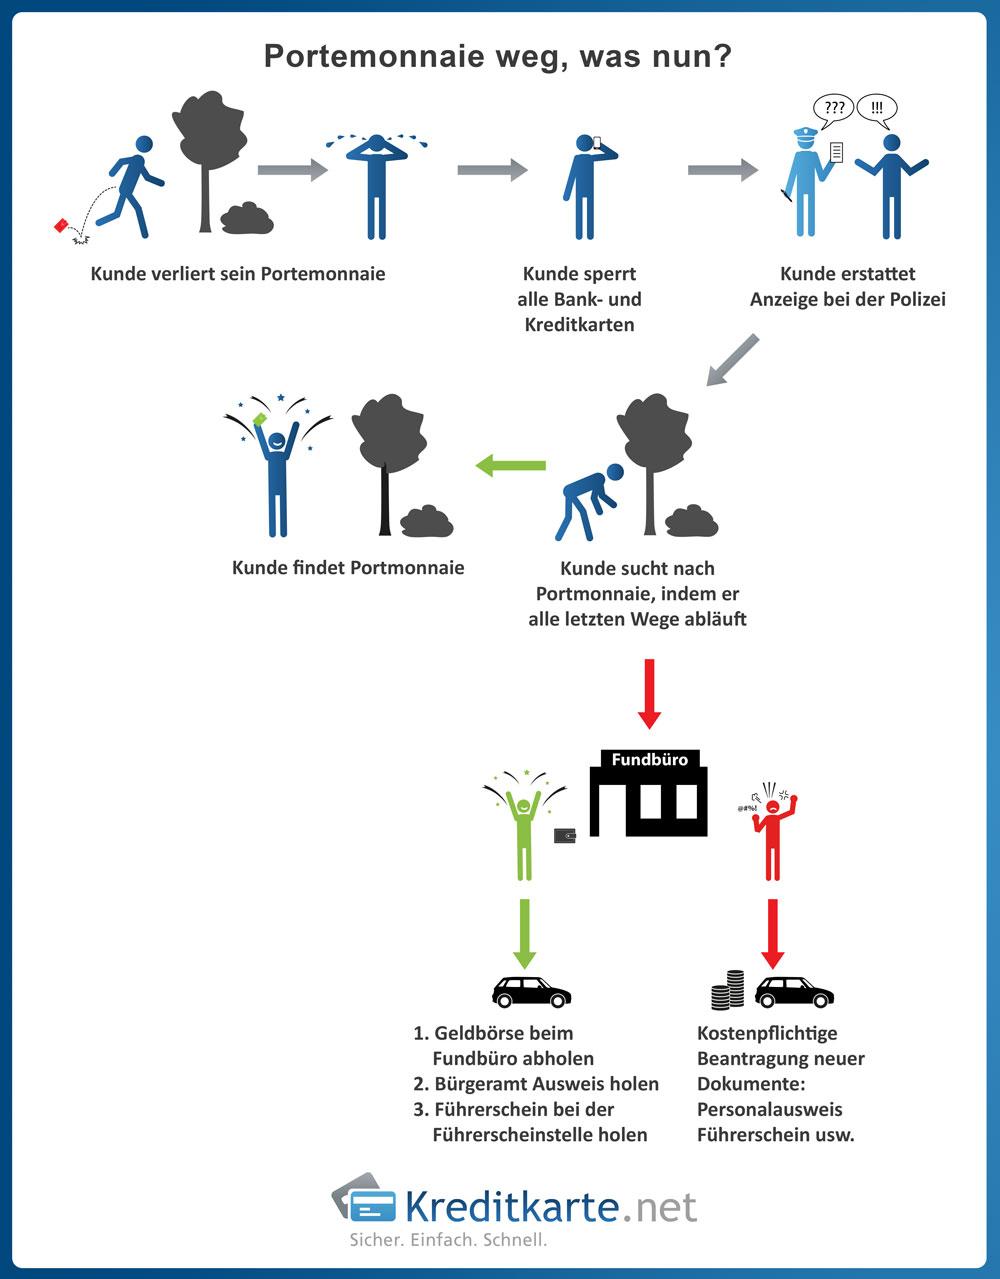 Die Grafik beschreibt, welche Handlungen nach Verlust der Geldbörse nötig sind.